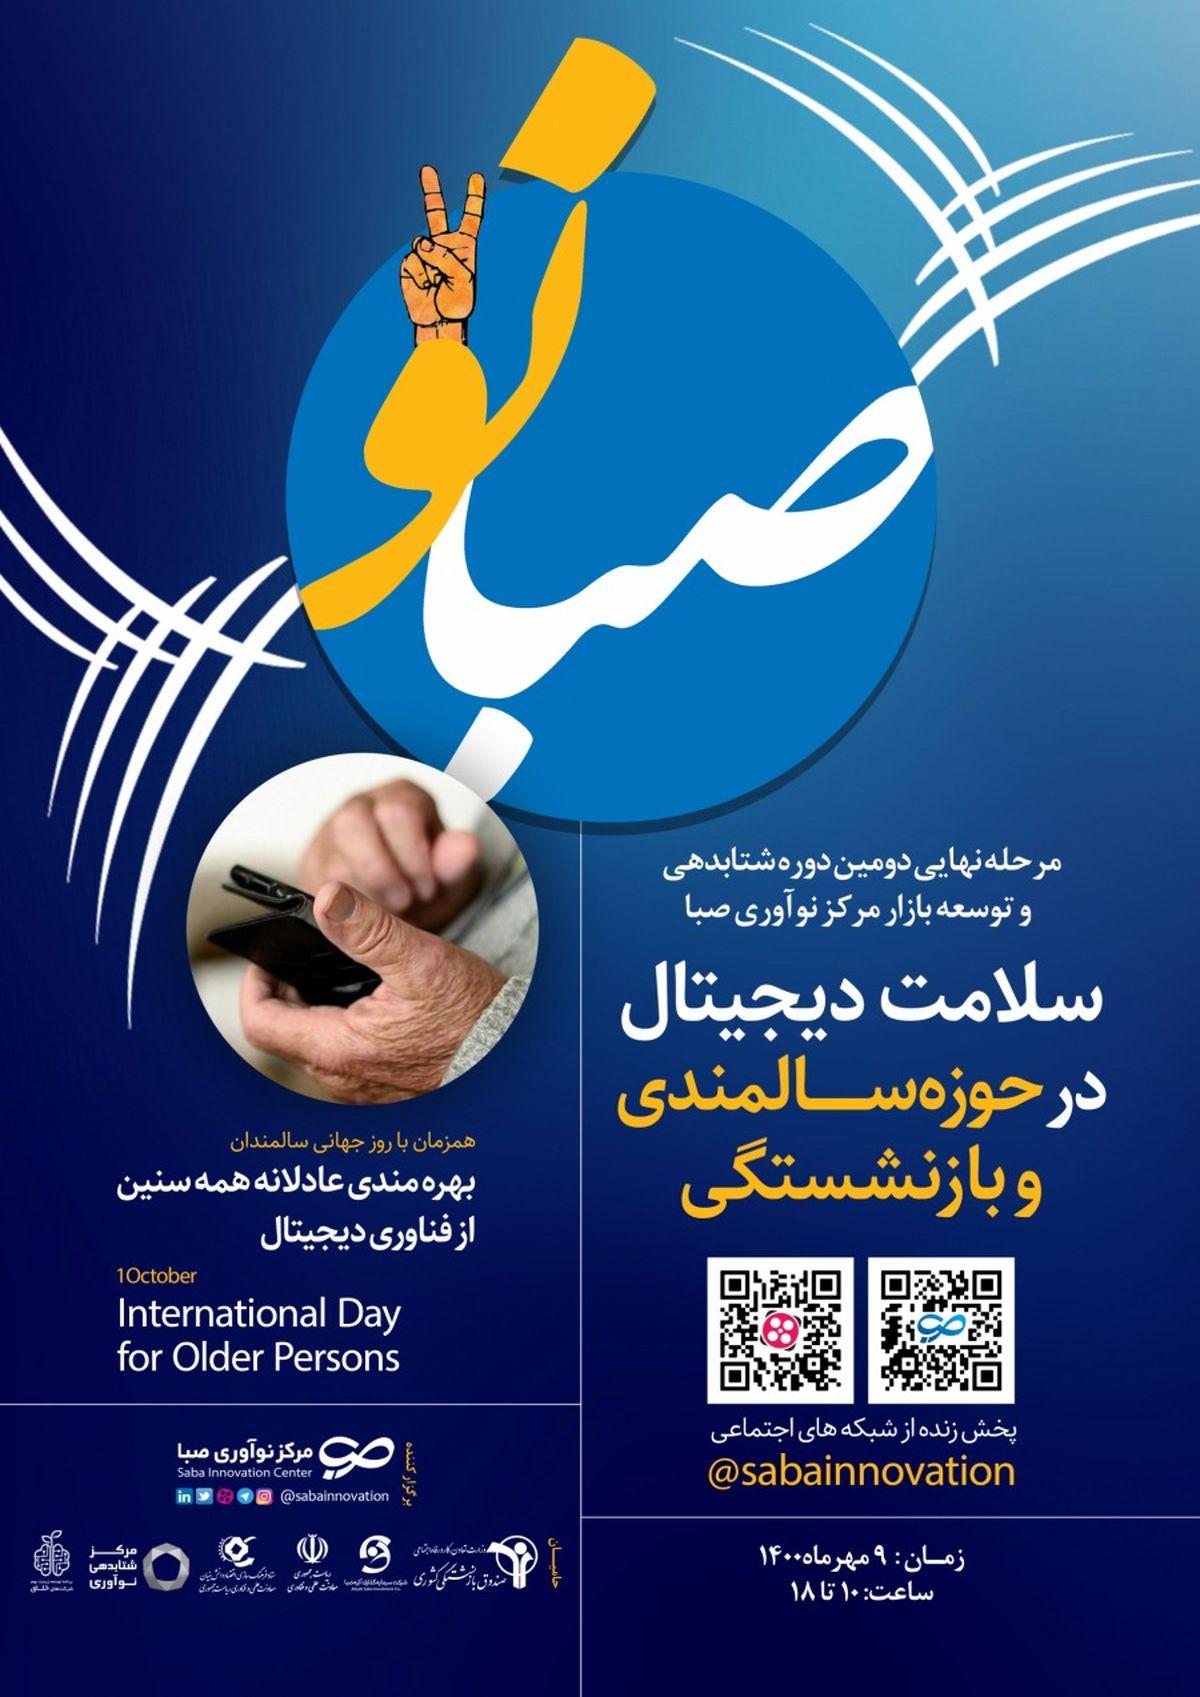 """برگزاری مرحله نهایی """"دومین رویداد صبانو۲"""" همزمان با روز جهانی سالمند"""